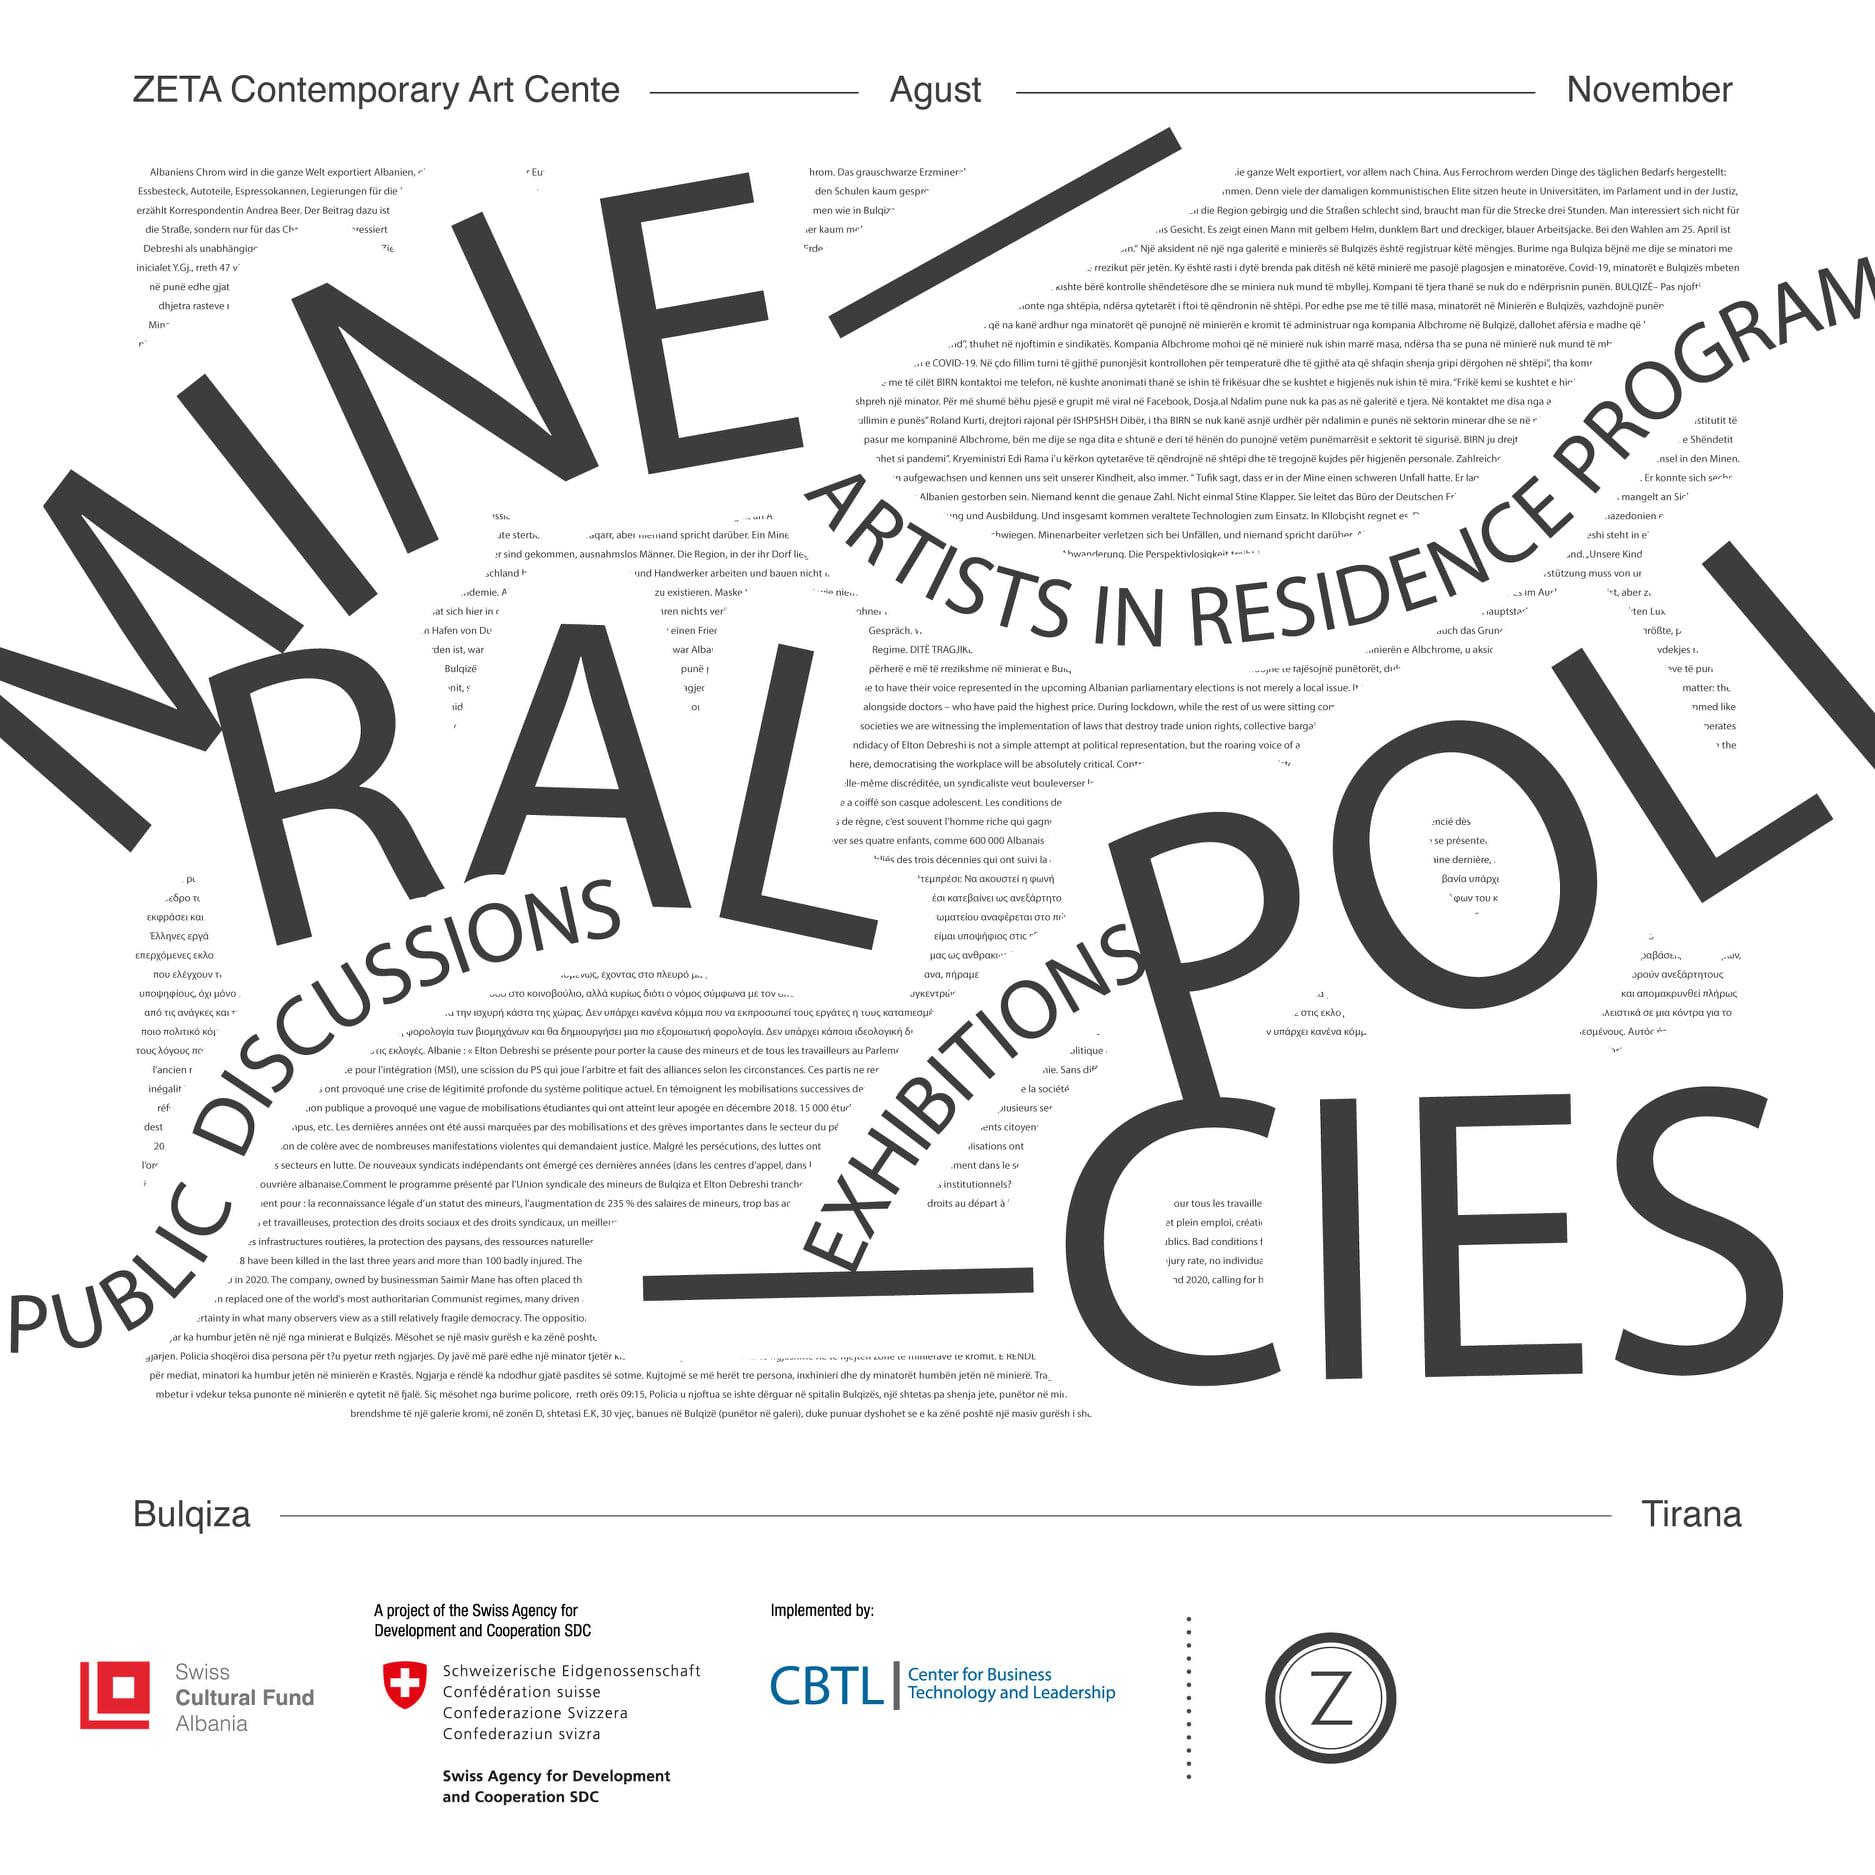 MINERAL POLICIES | Residency Program in Bulqiza — Tirana